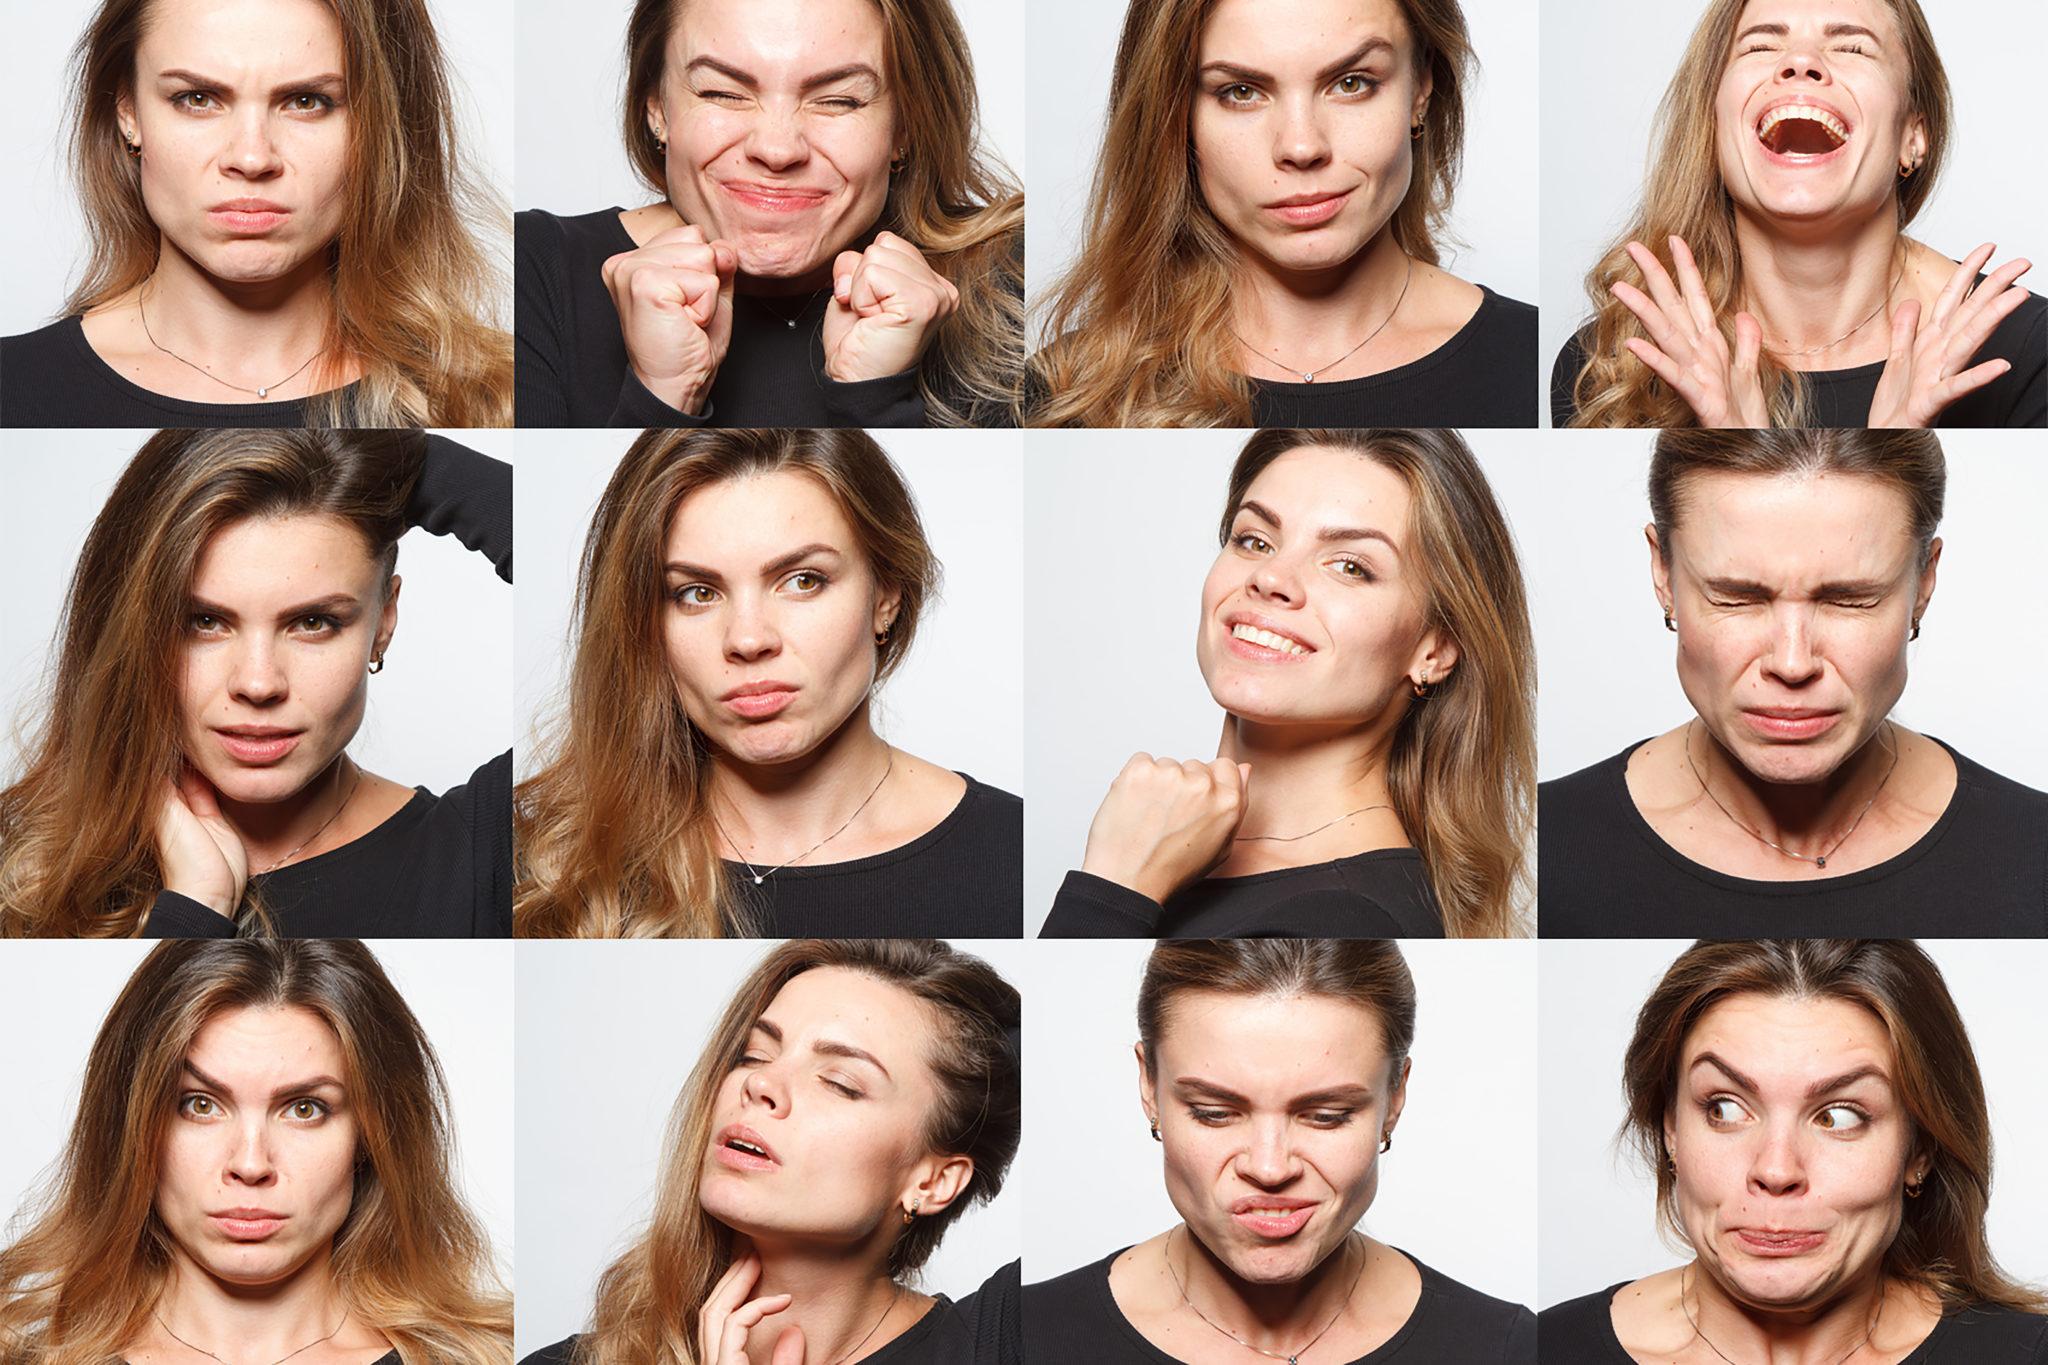 Как сделать фото эмоции